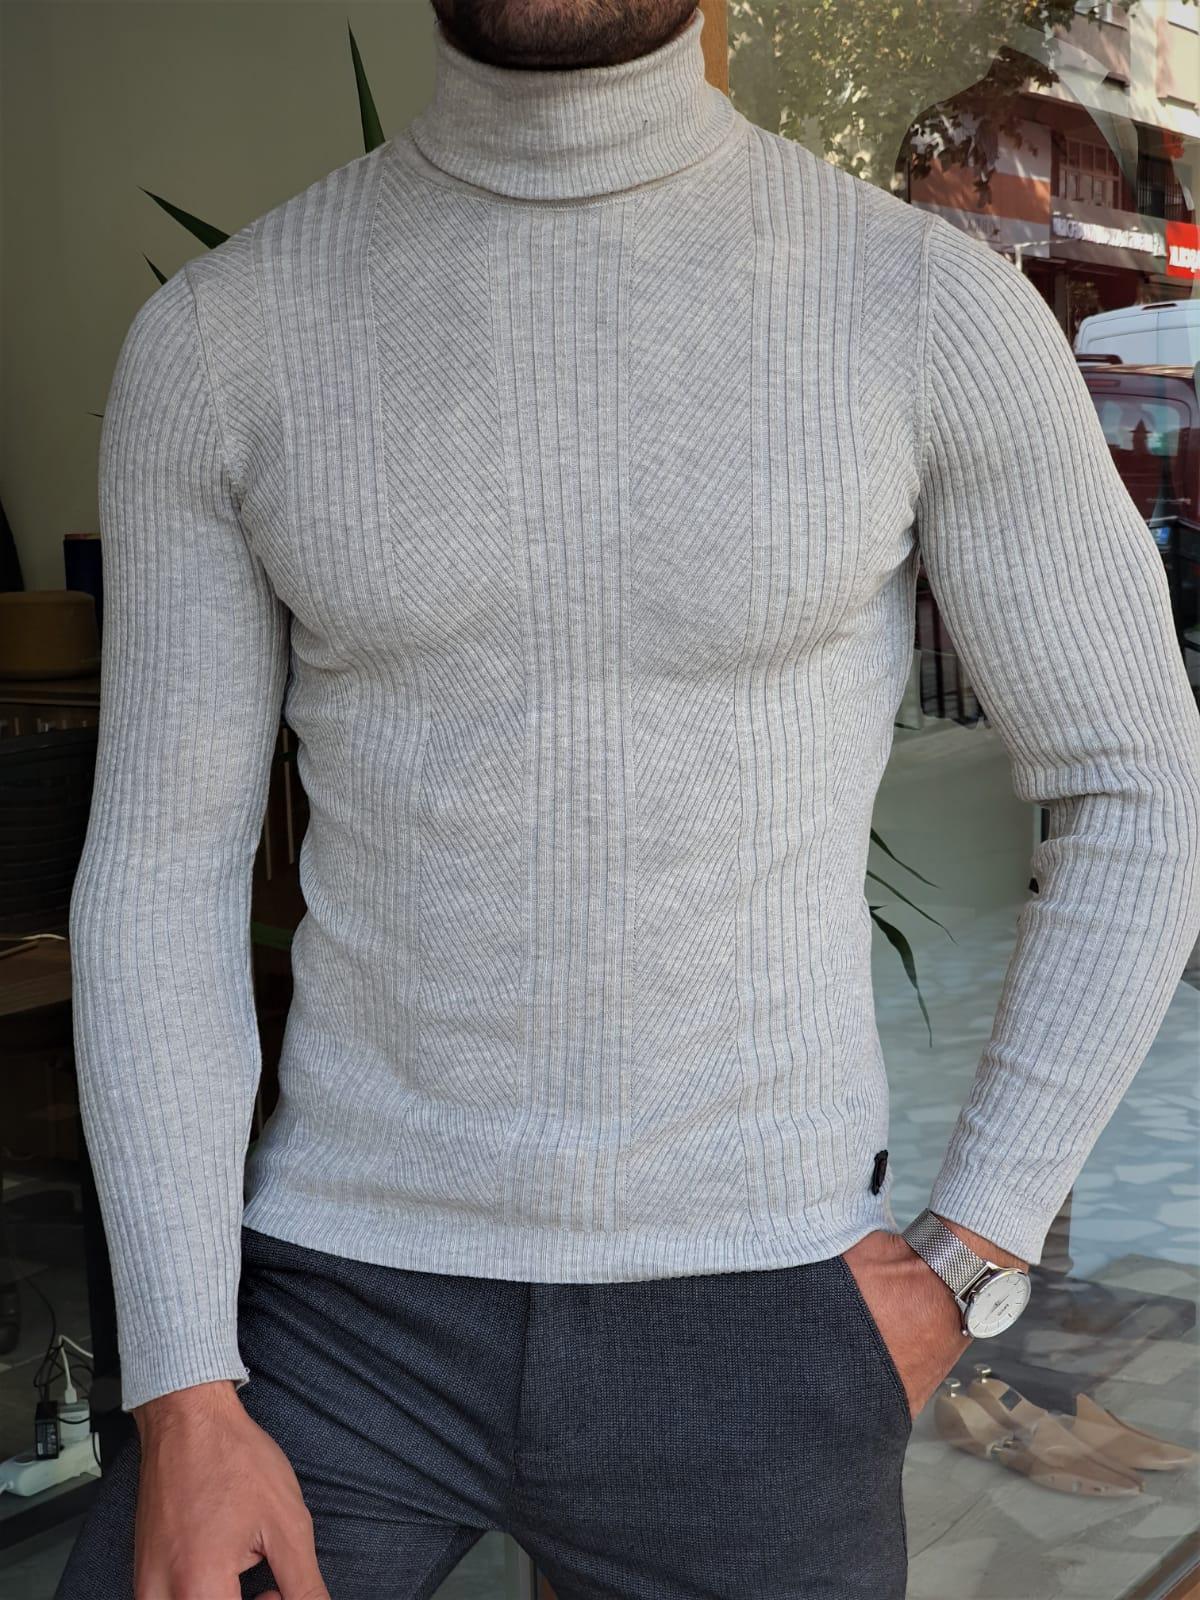 Aysoti Warren Gray Slim Fit Striped Turtleneck Wool Sweater